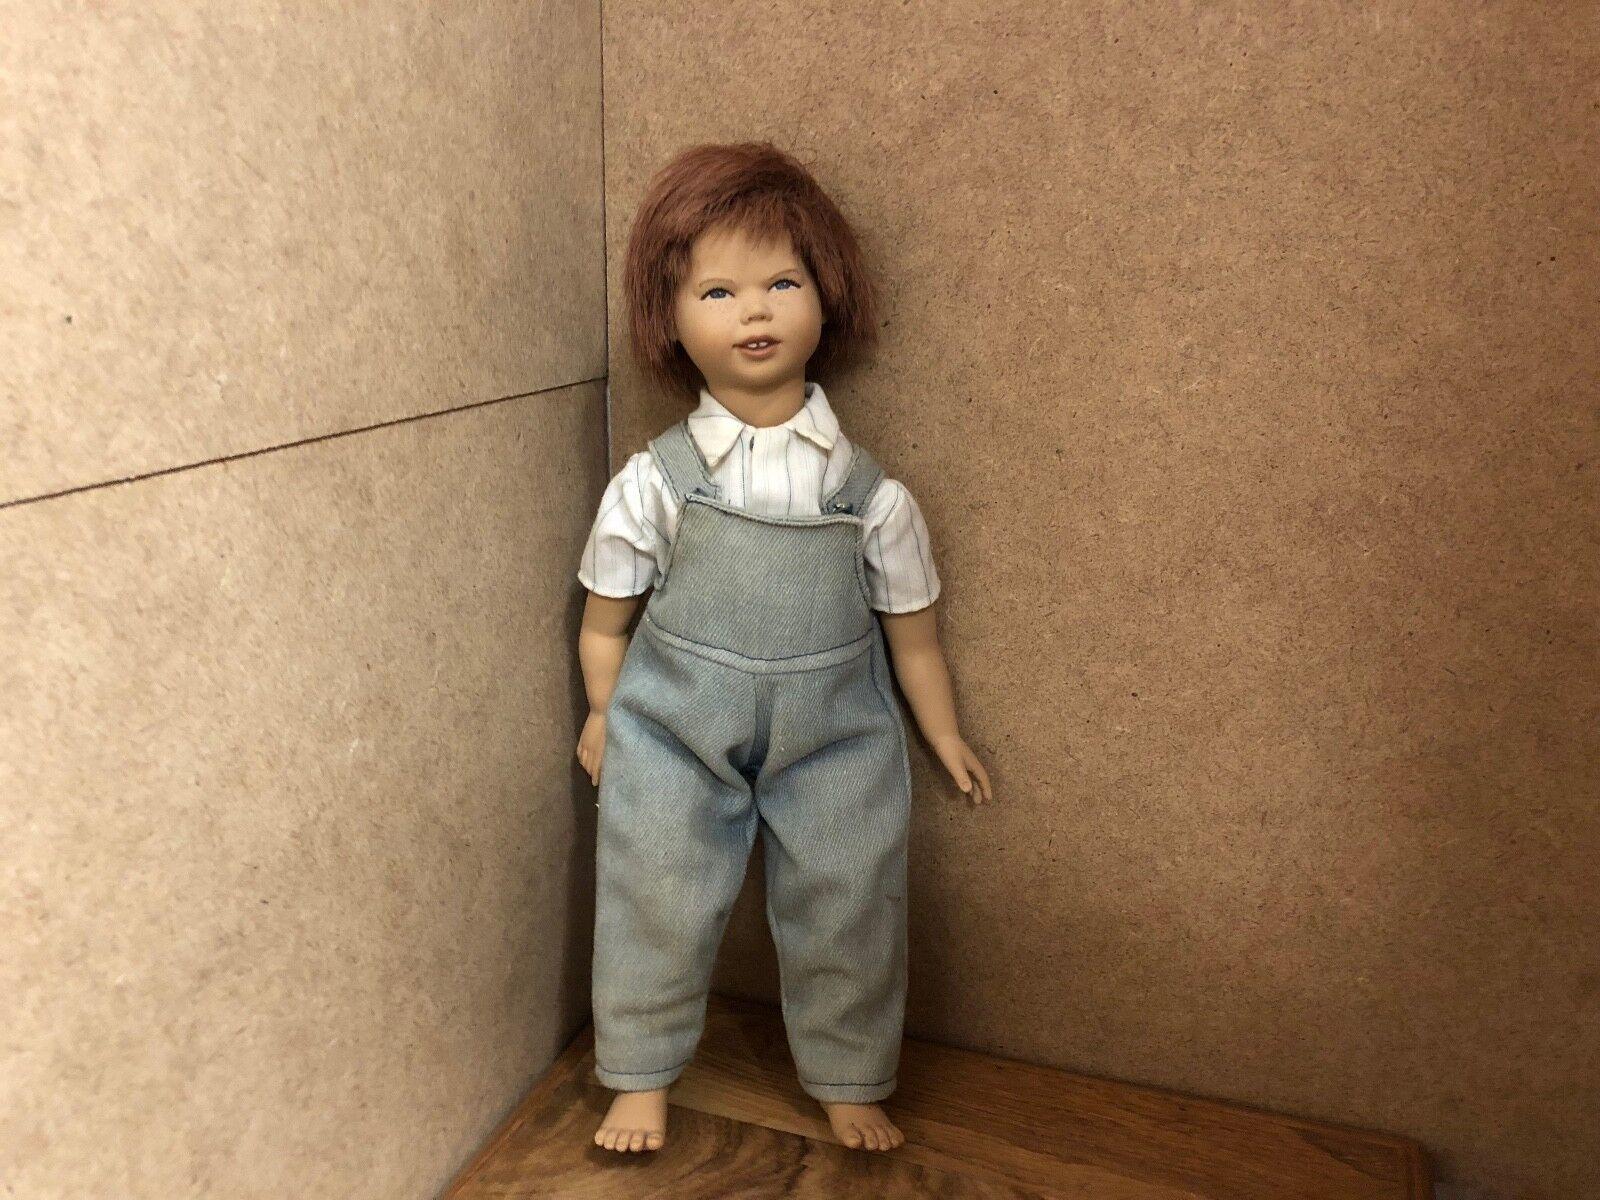 Heidi Ott Vinyl Puppe 32 cm. Top Zustand Zustand Zustand 958094